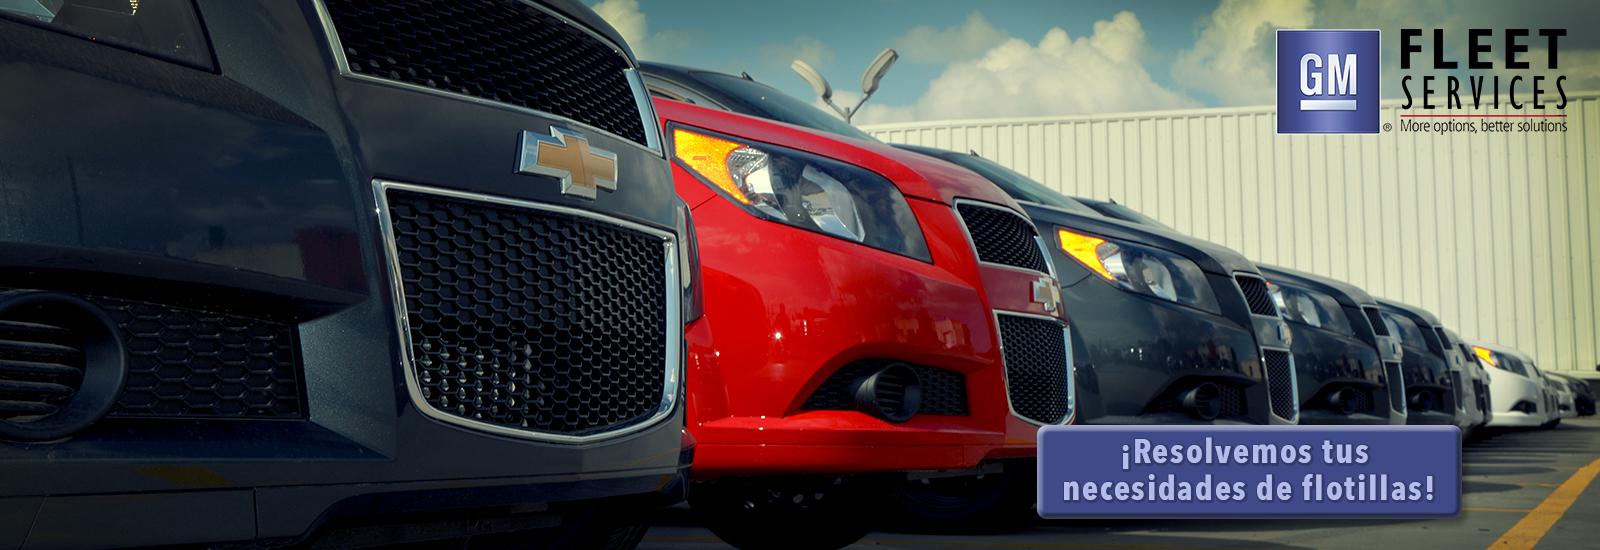 Arrendamiento de Autos Chevrolet - Flotillas Chevrolet